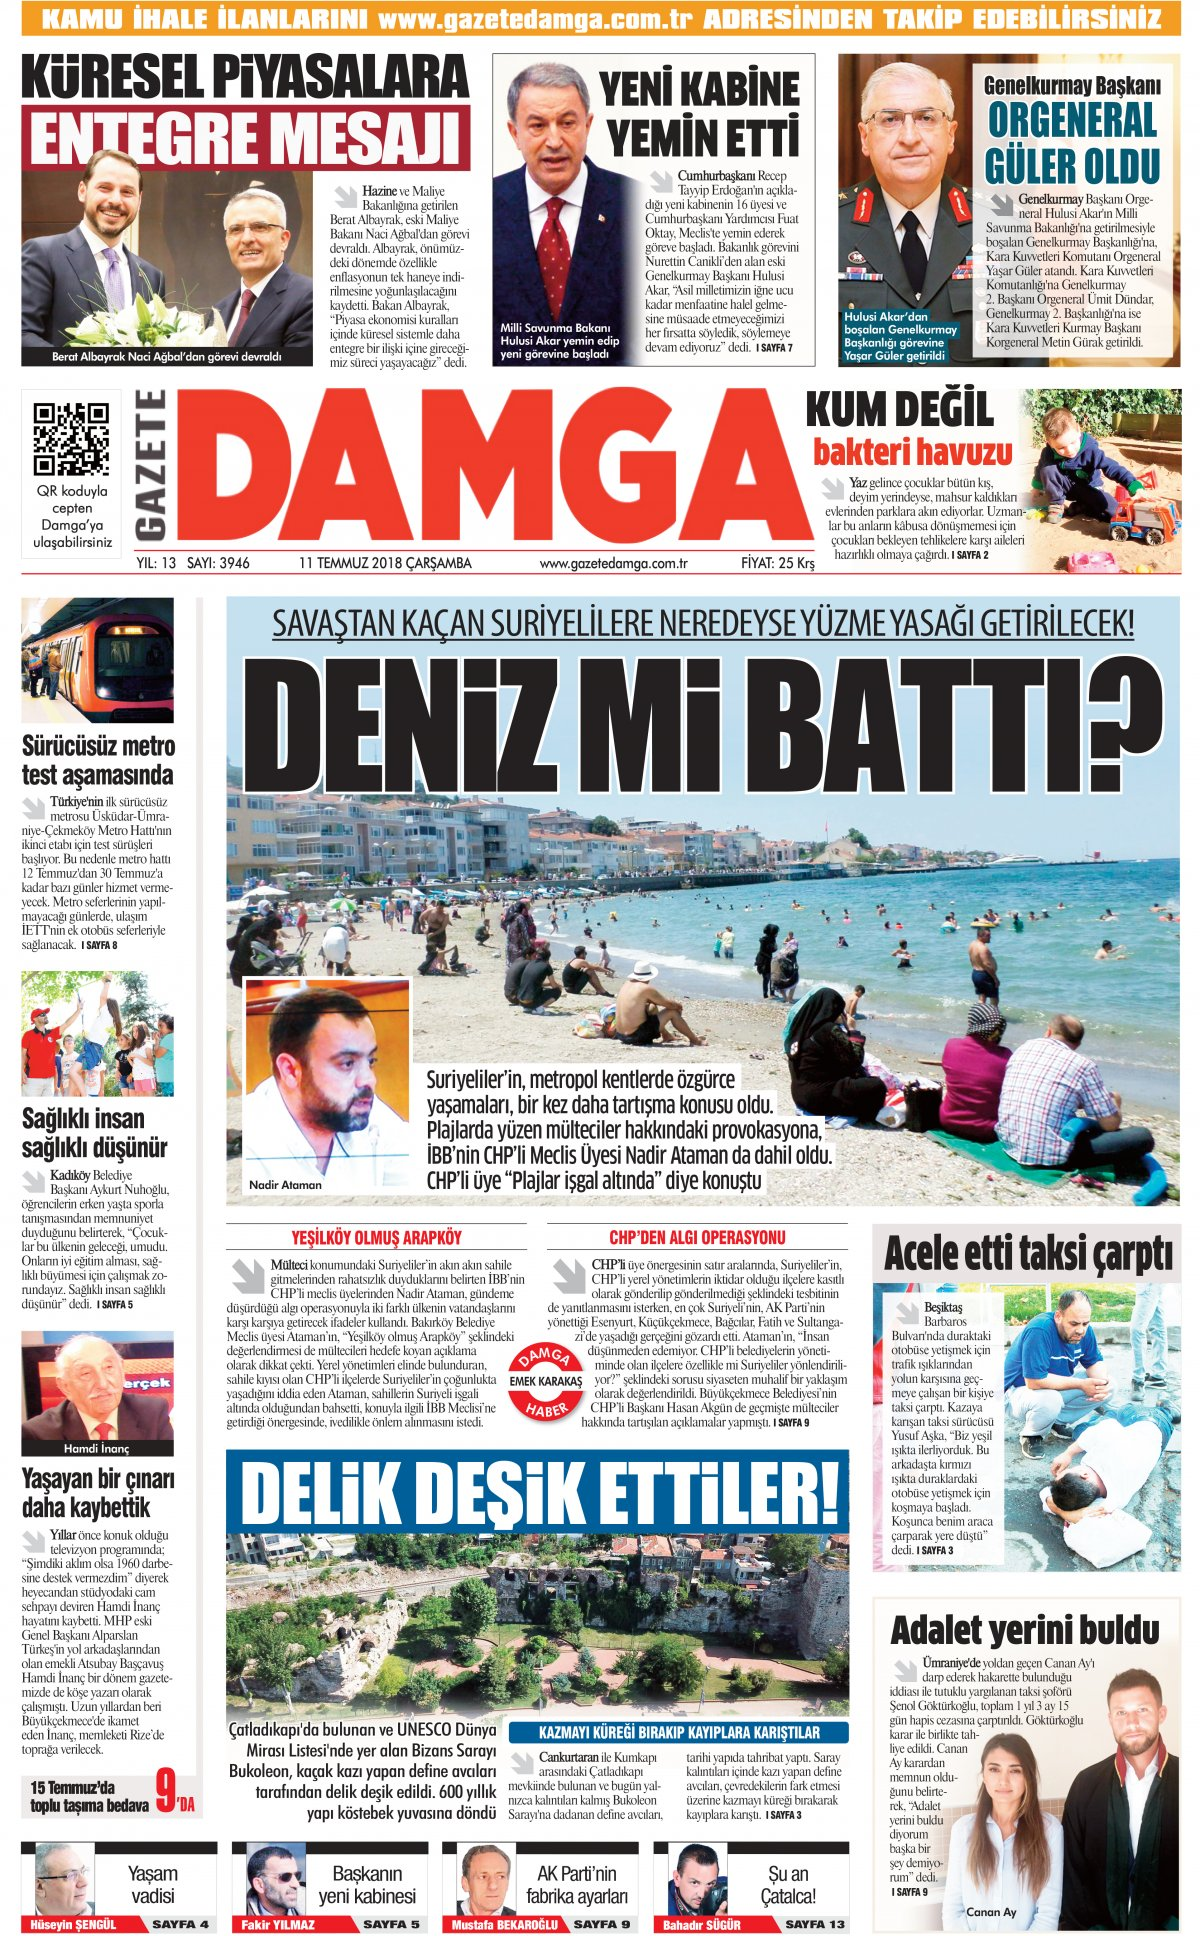 Gazete Damga - 11.07.2018 Manşeti